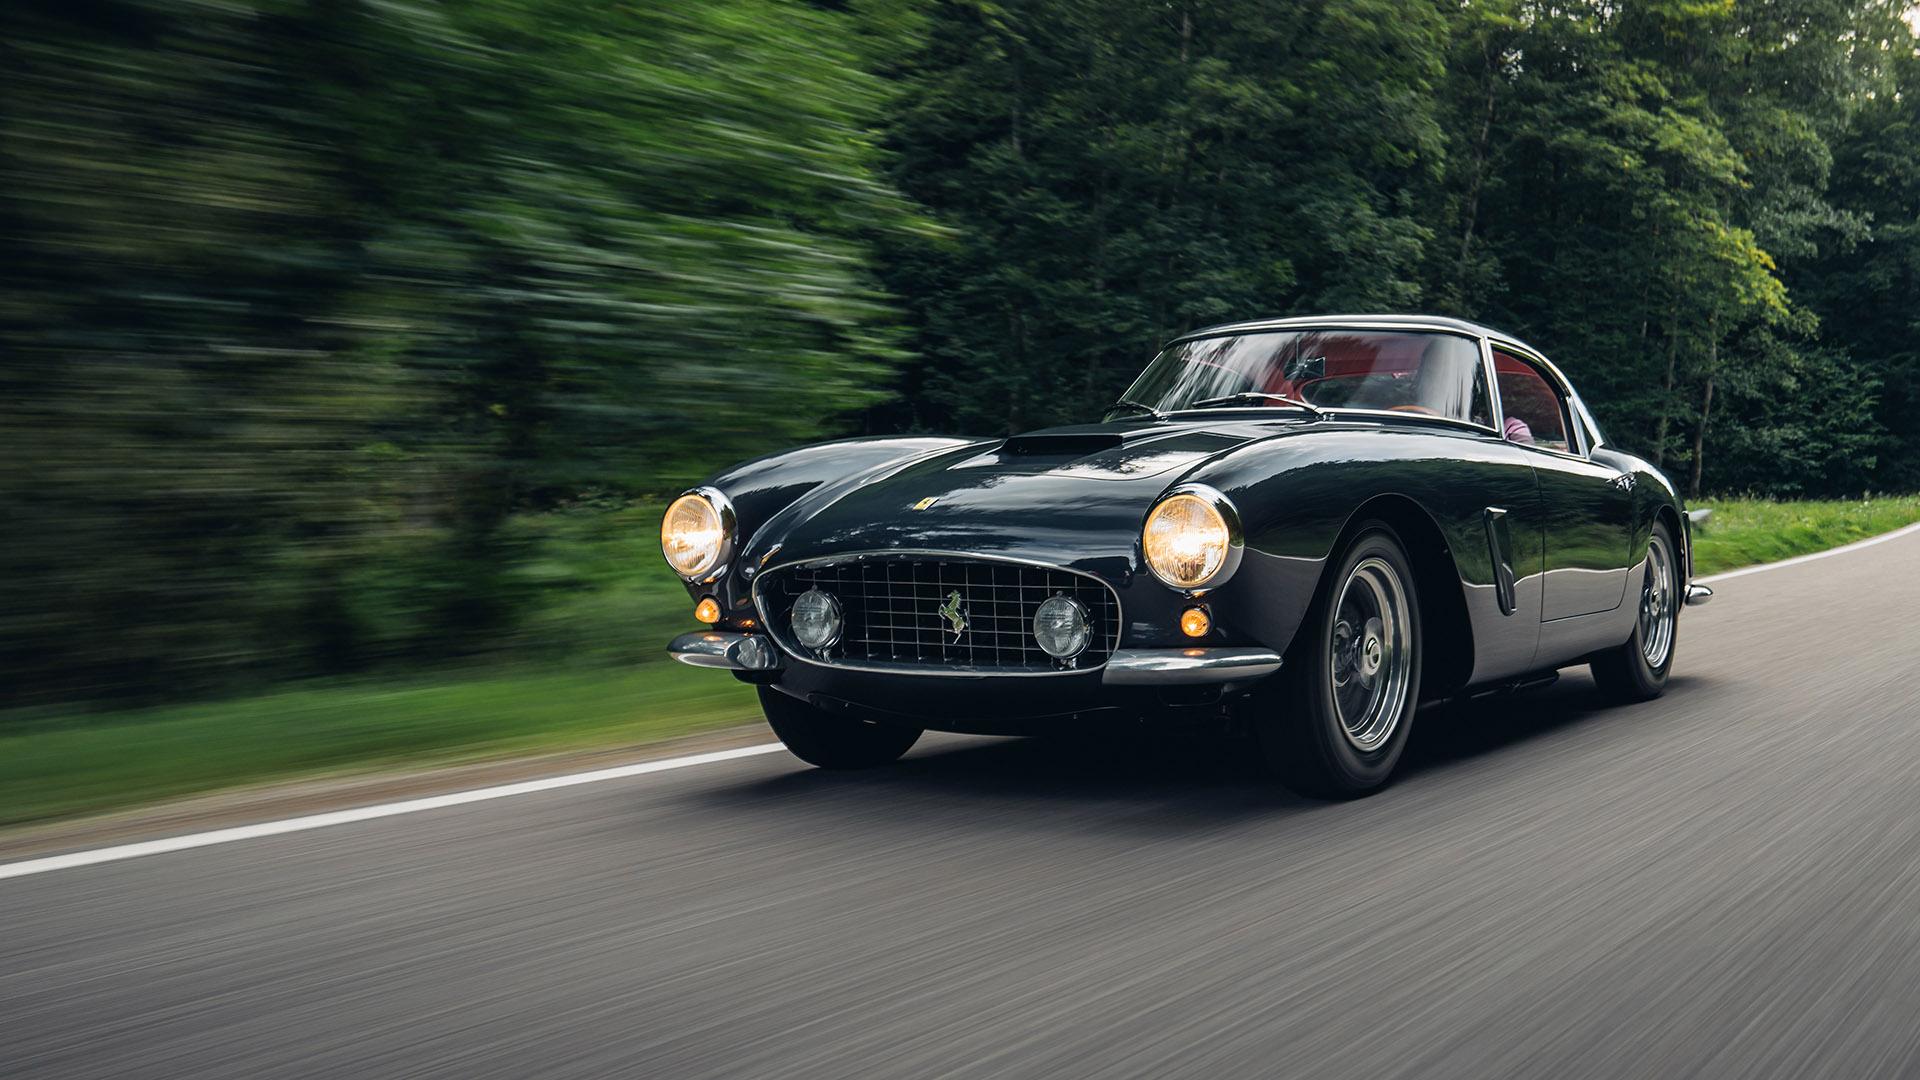 Ferrari 250 Swb En Mechatronik Qualität Perfektion Und Leidenschaft